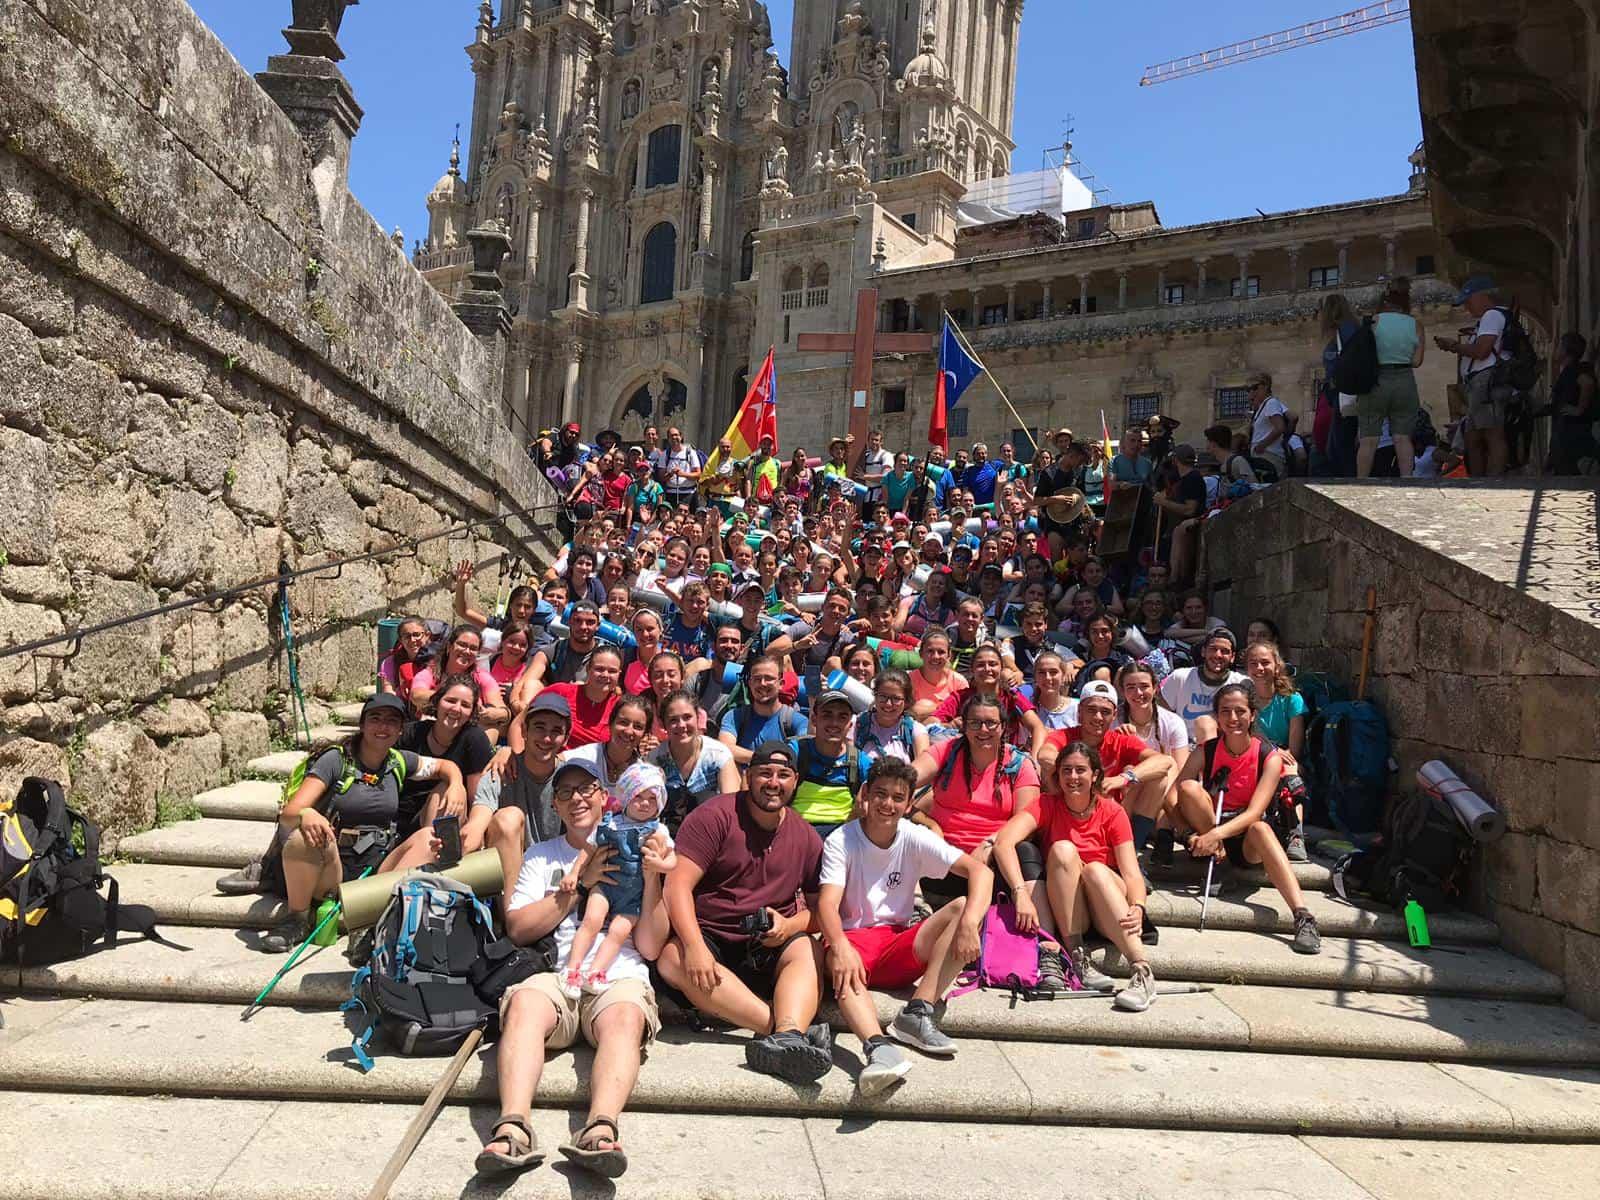 Parroquia de Herencia Camino de Santiago5 - 32 jóvenes de la parroquia de Herencia realizan el Camino de Santiago